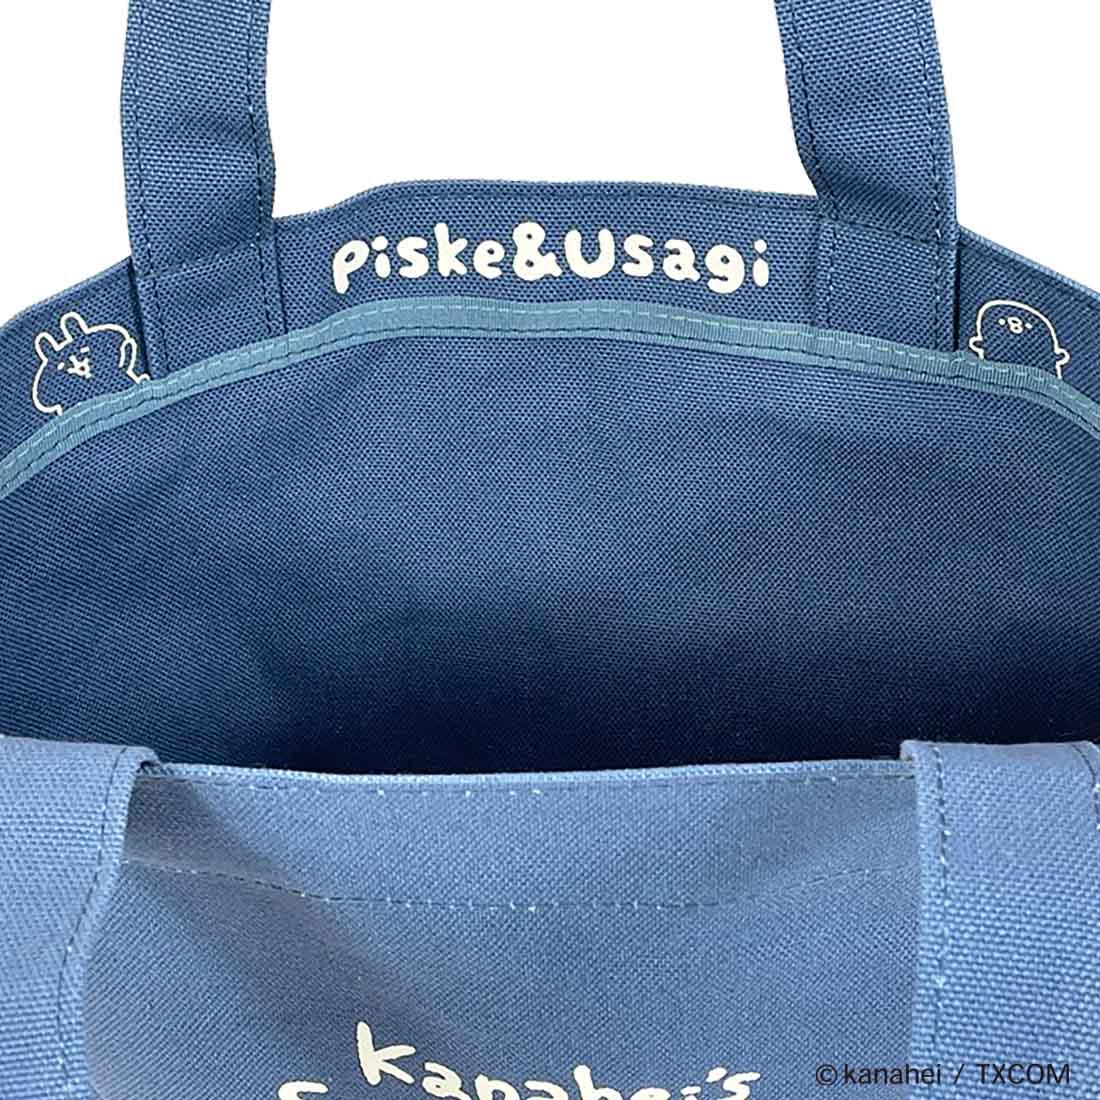 ピスケとうさぎ 相良(サガラ)刺繍ワッペン付き倉敷帆布縦型トートバッグブルーグレイ